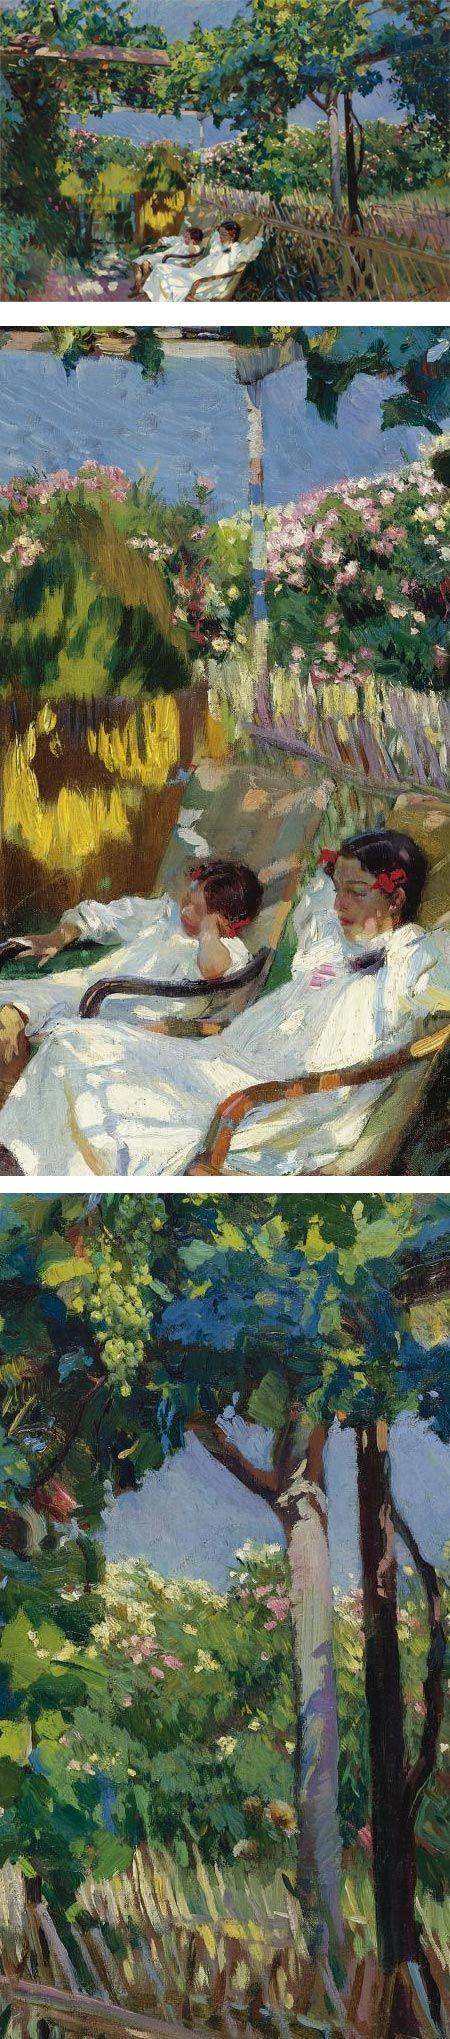 La Siesta en el Jardin, Joaquin Sorolla y Bastida: